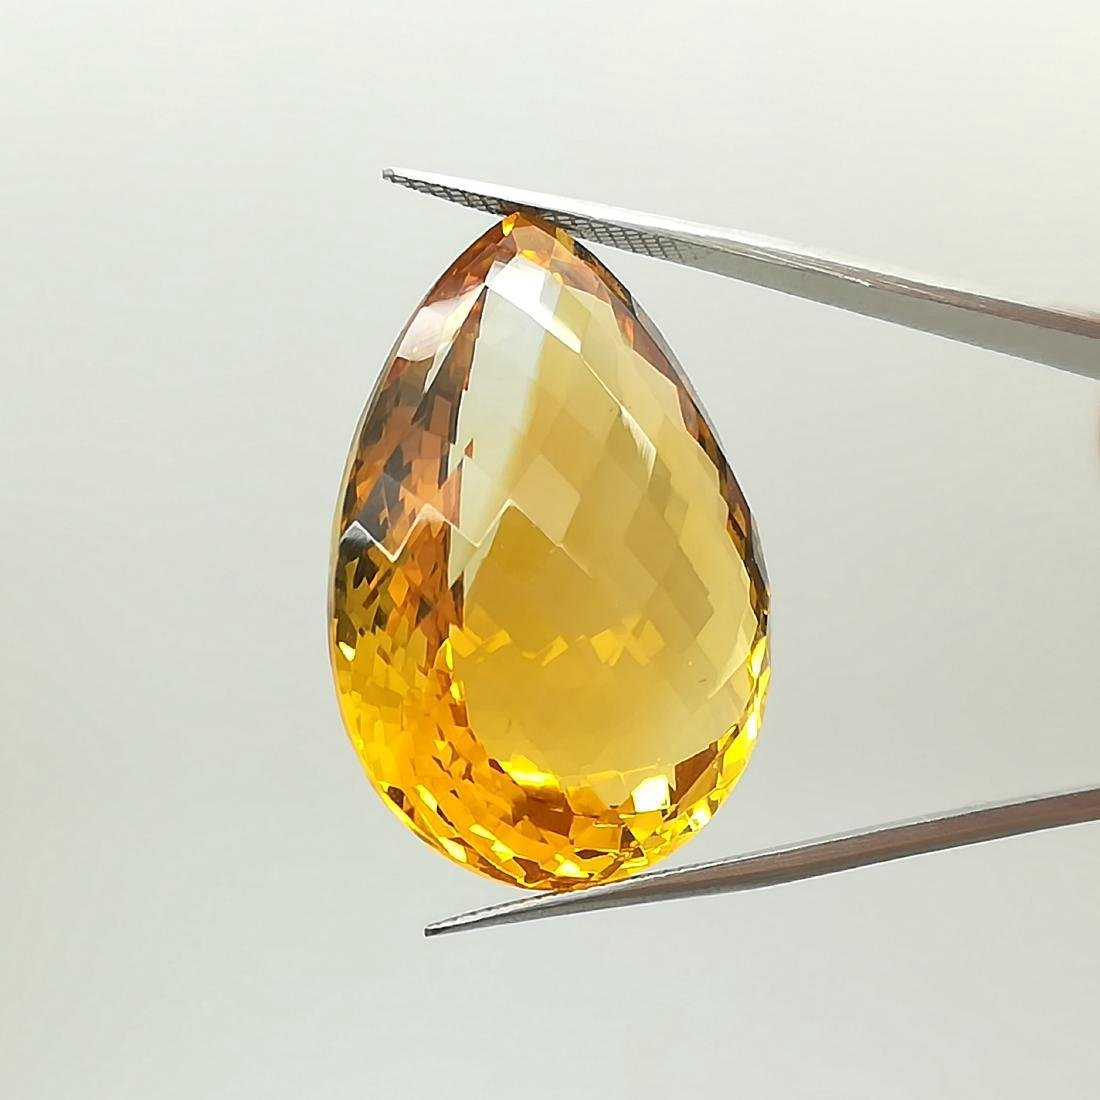 40.17 Carat Loose Citrine Quartz Pear Cut - 3